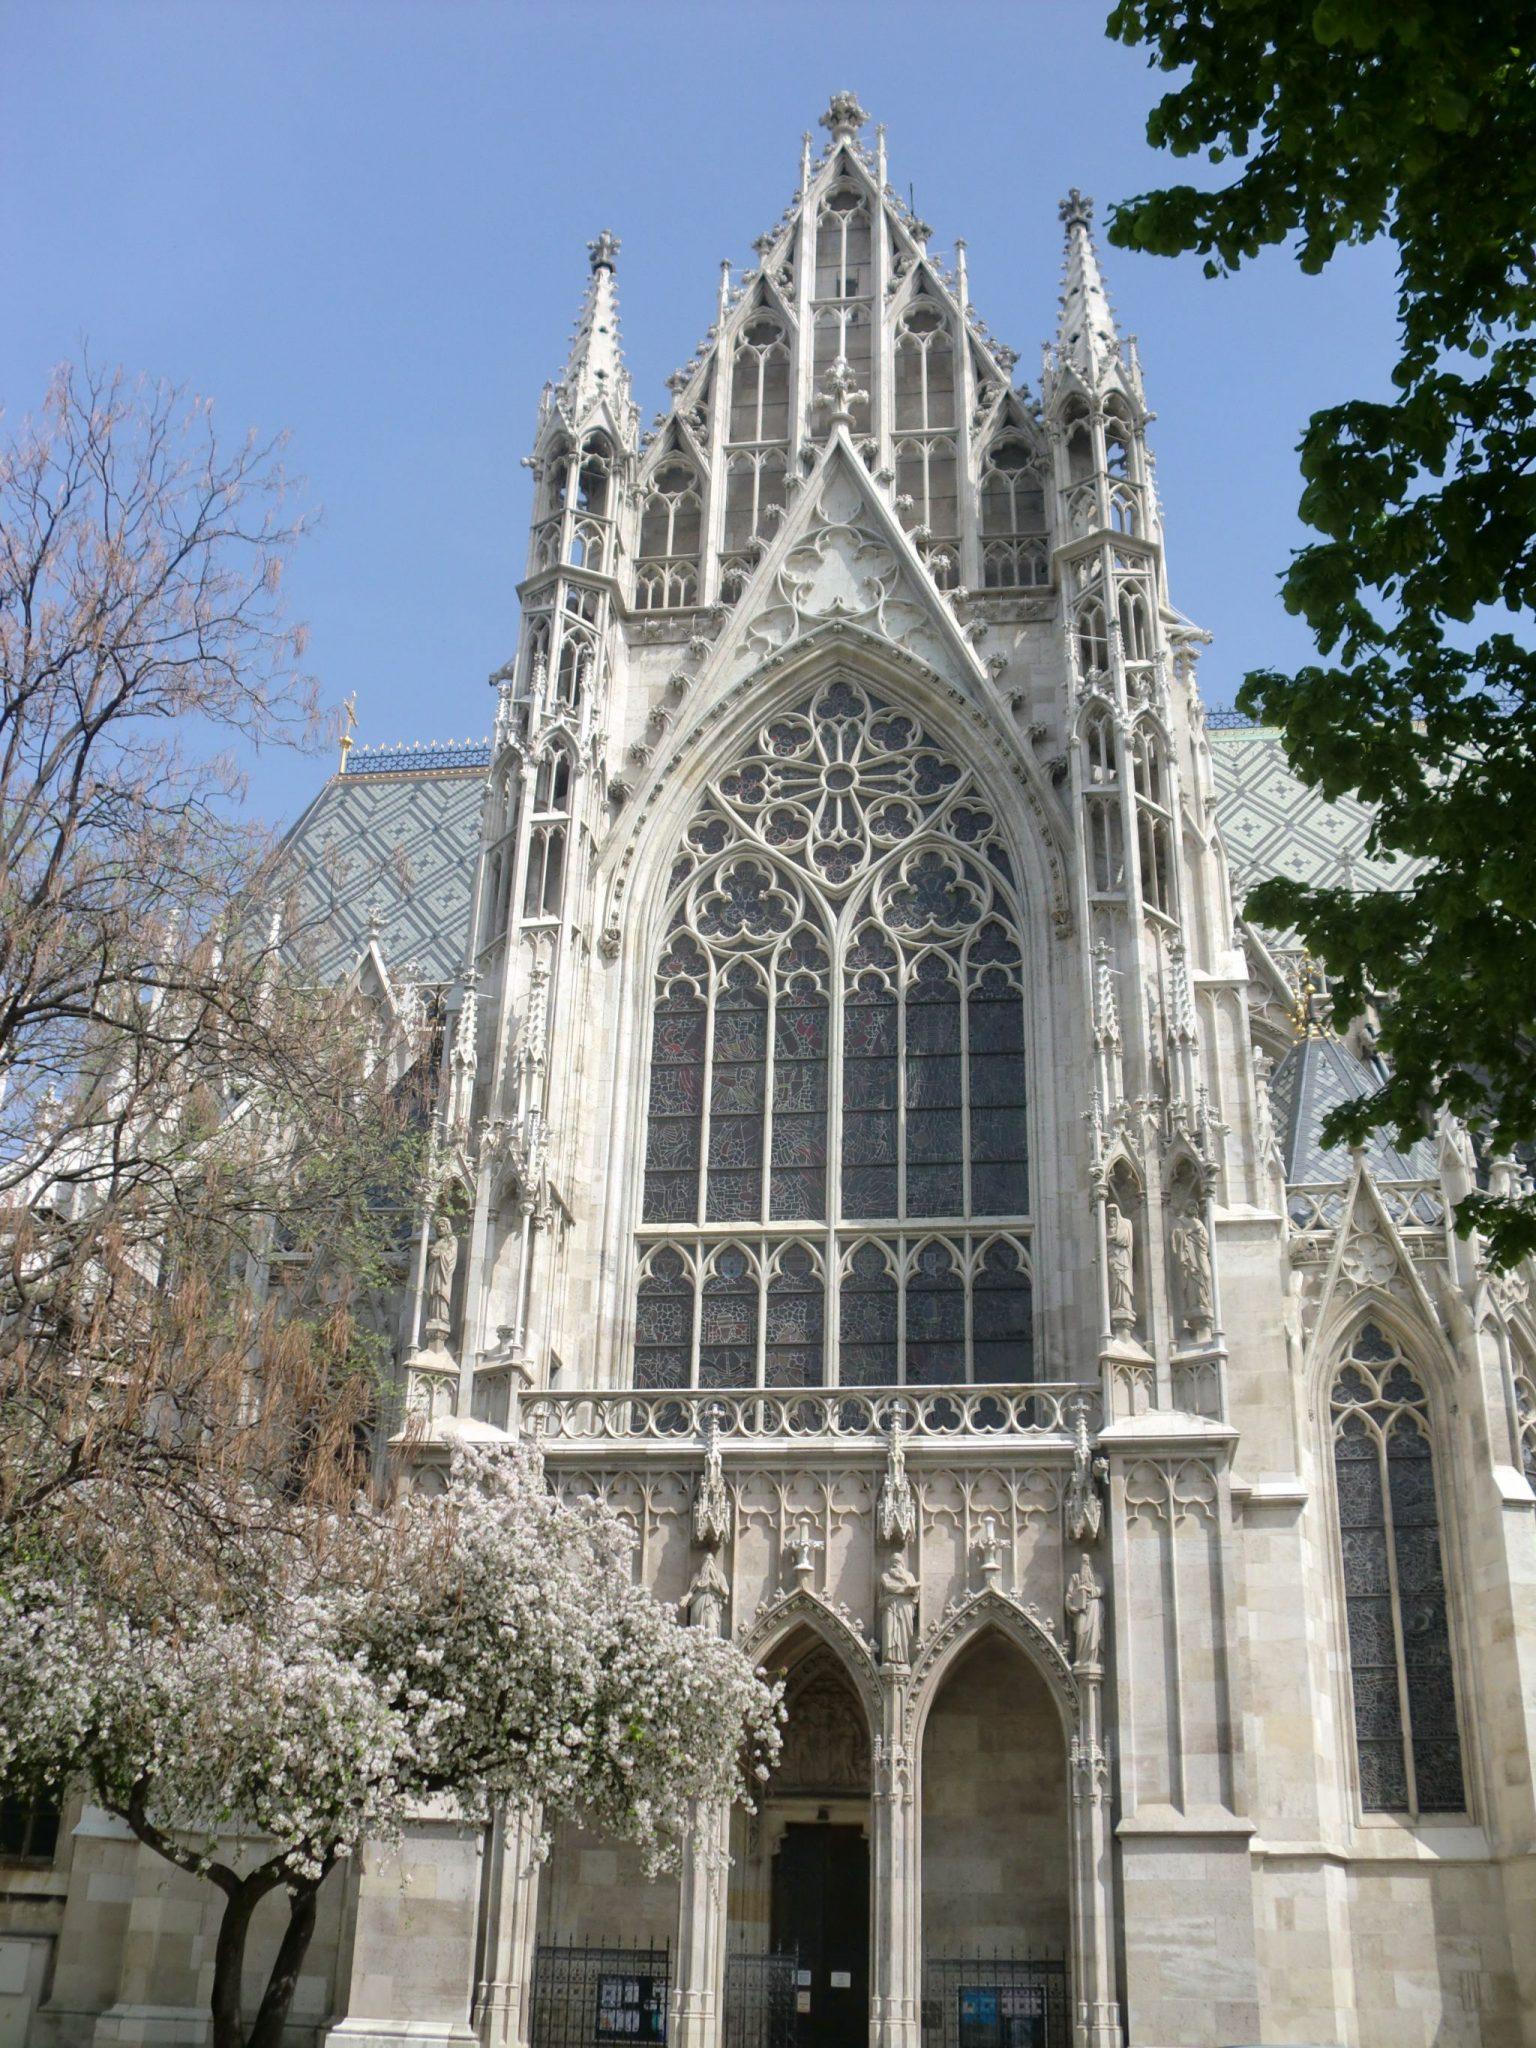 Vienna cathedral 51 1440x1920 - Vienna: elegant beauty